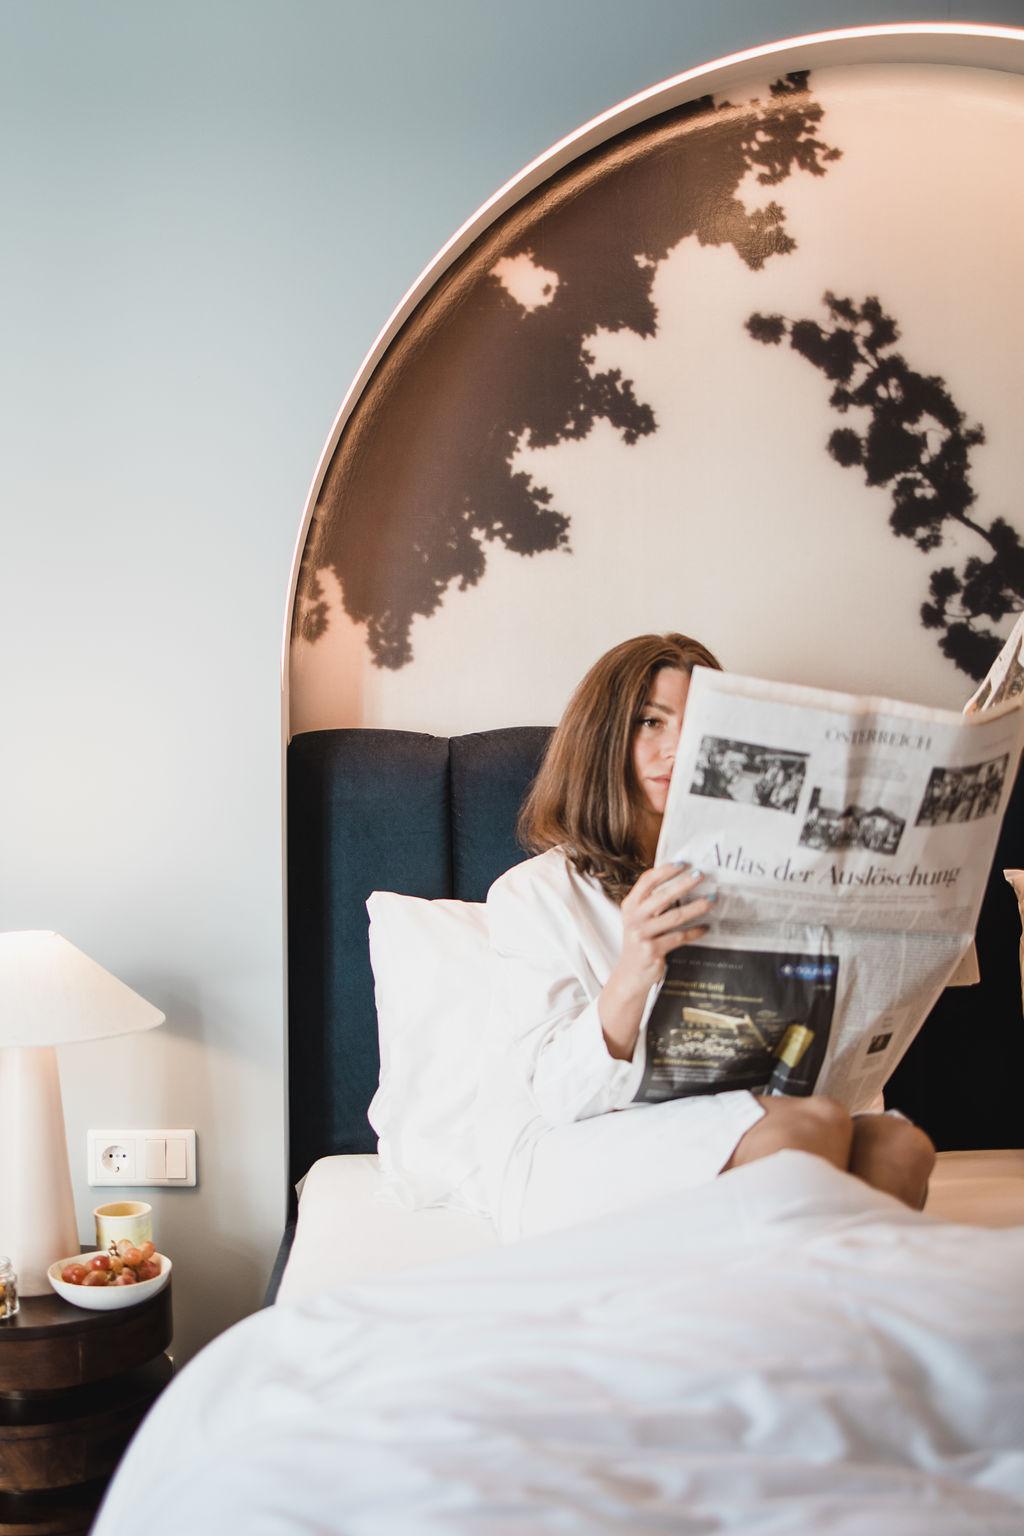 Aktuelle Zeitungen im Hotel